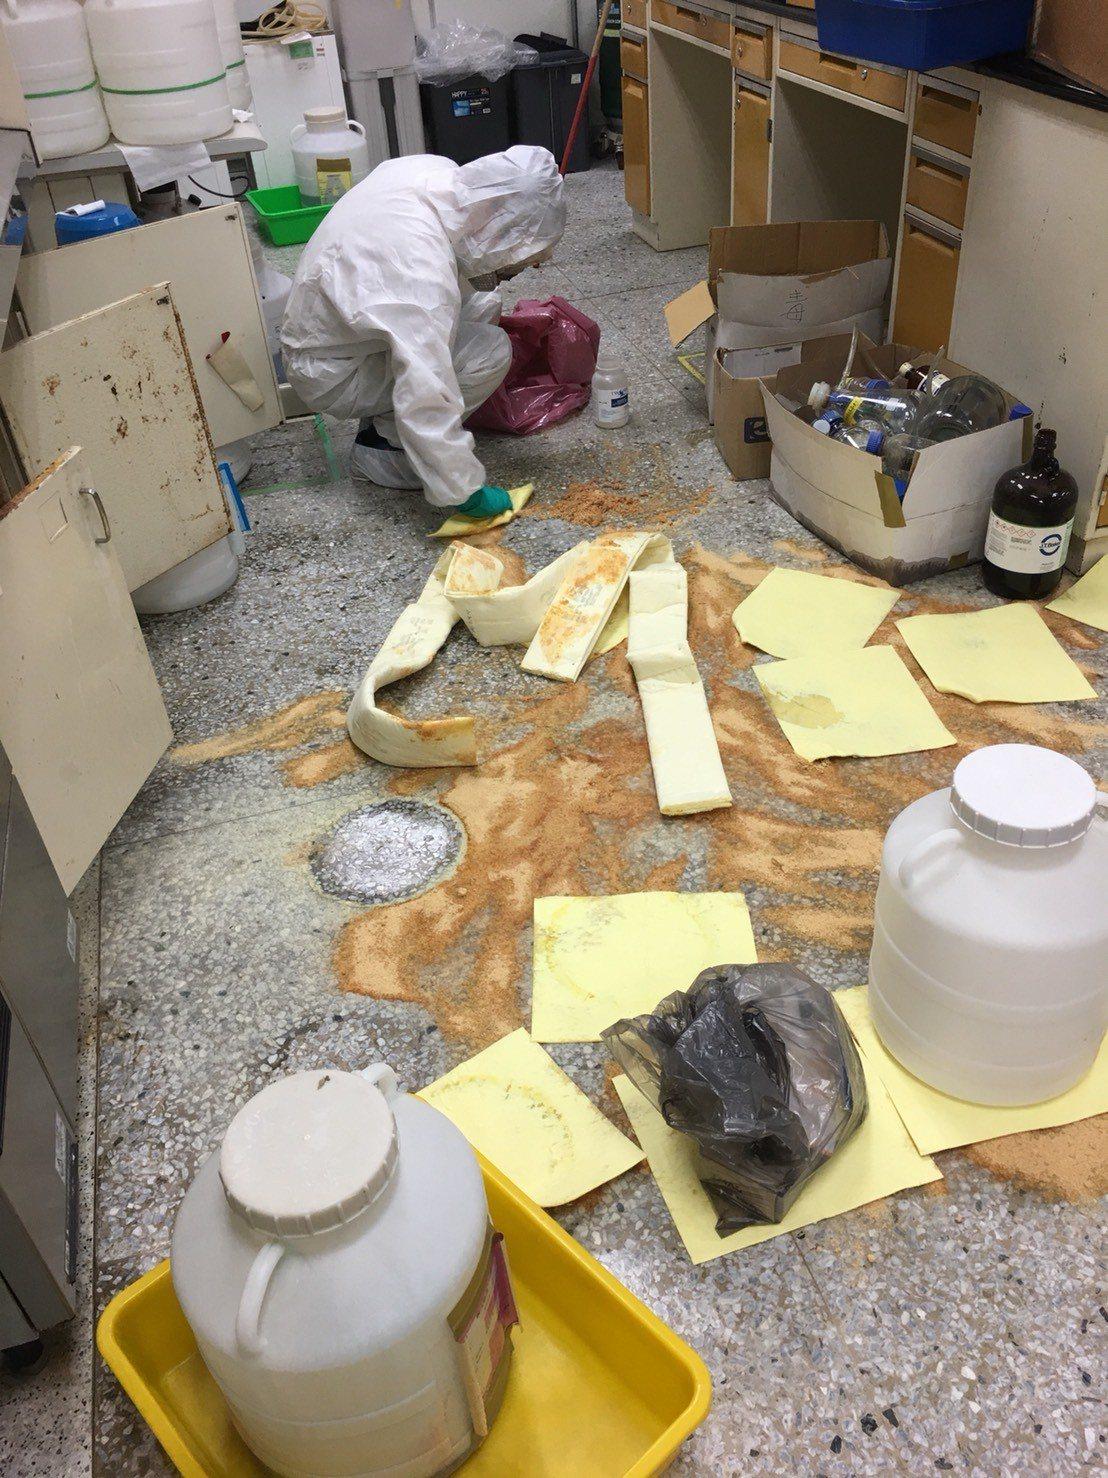 成大環衛中心人員緊急以吸附棉吸附洩漏廢液回收。圖/取自ptt